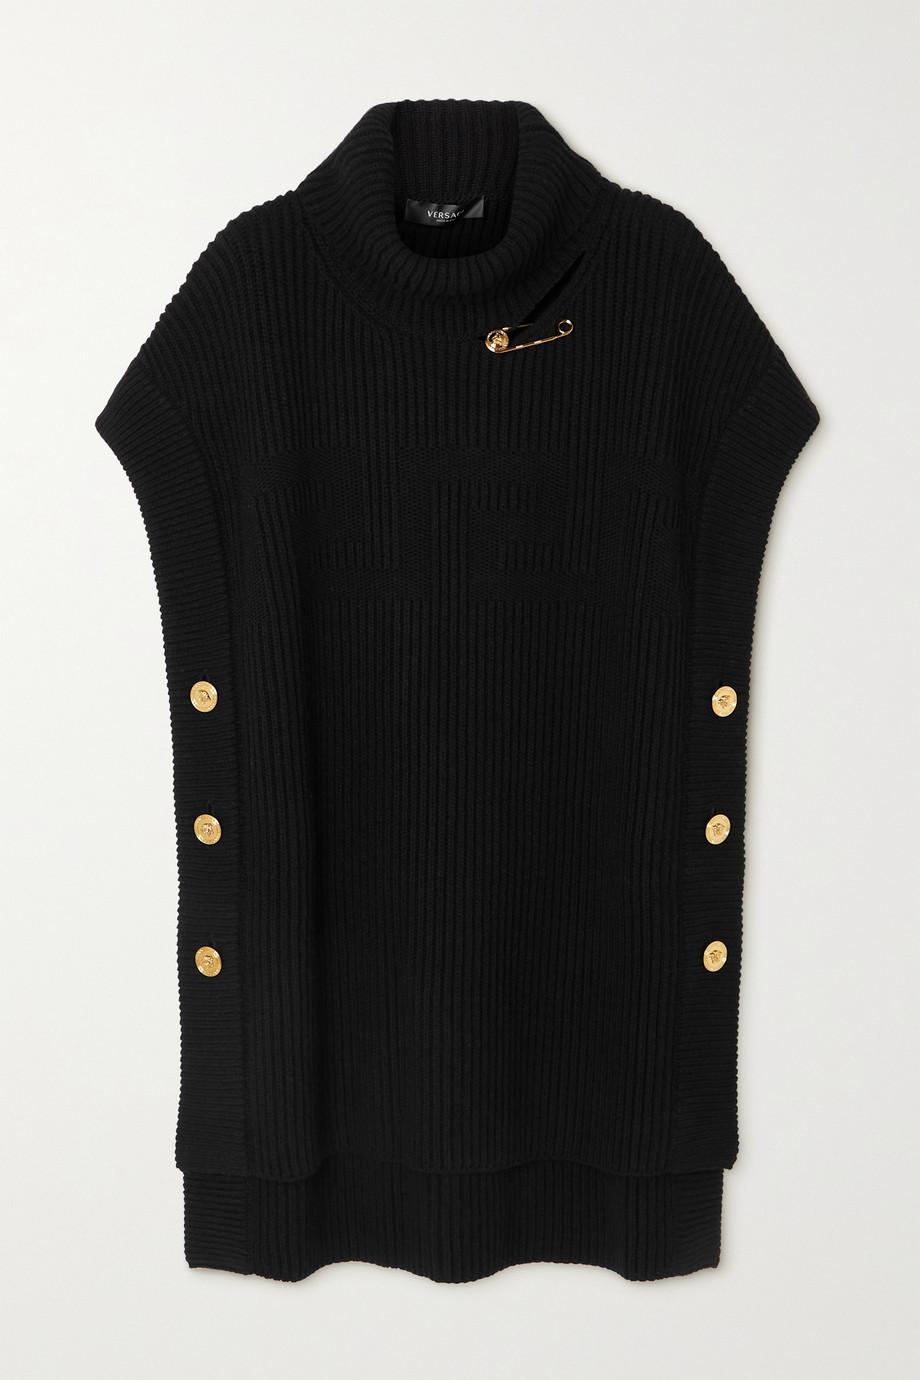 Versace Rollkragenoberteil aus gerippter Wolle mit Verzierungen